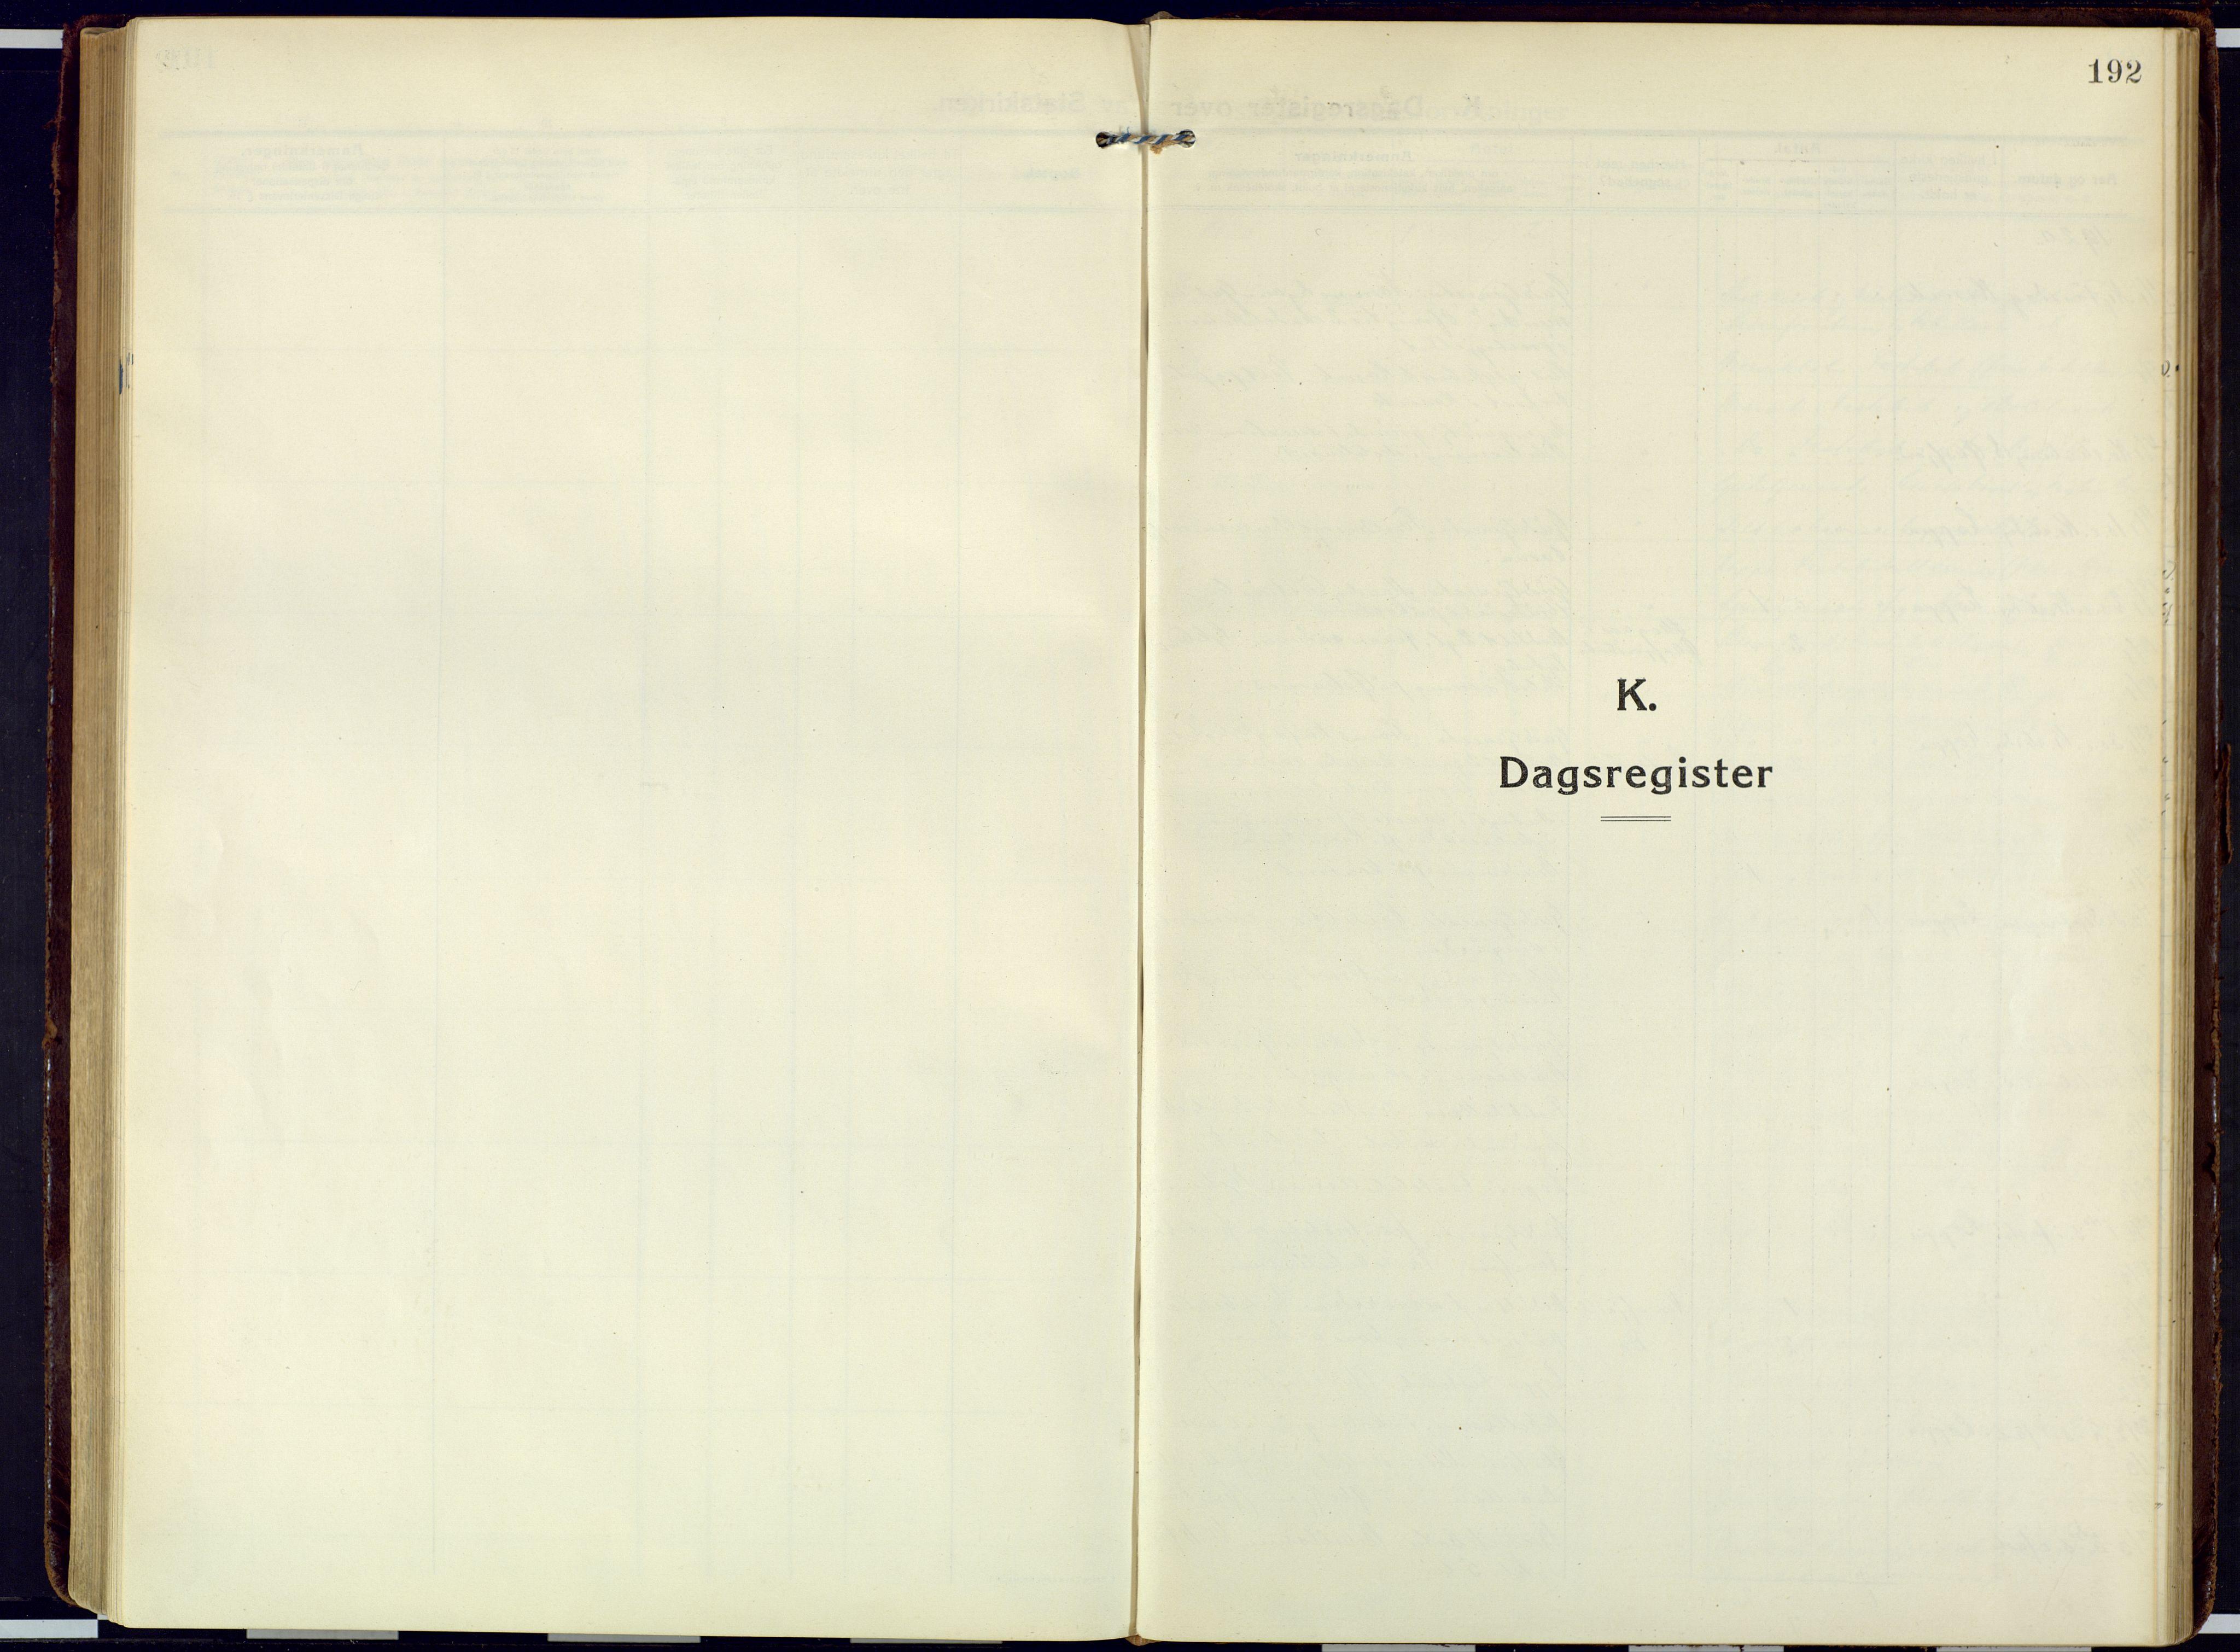 SATØ, Loppa sokneprestkontor, H/Ha/L0013kirke: Ministerialbok nr. 13, 1920-1932, s. 192